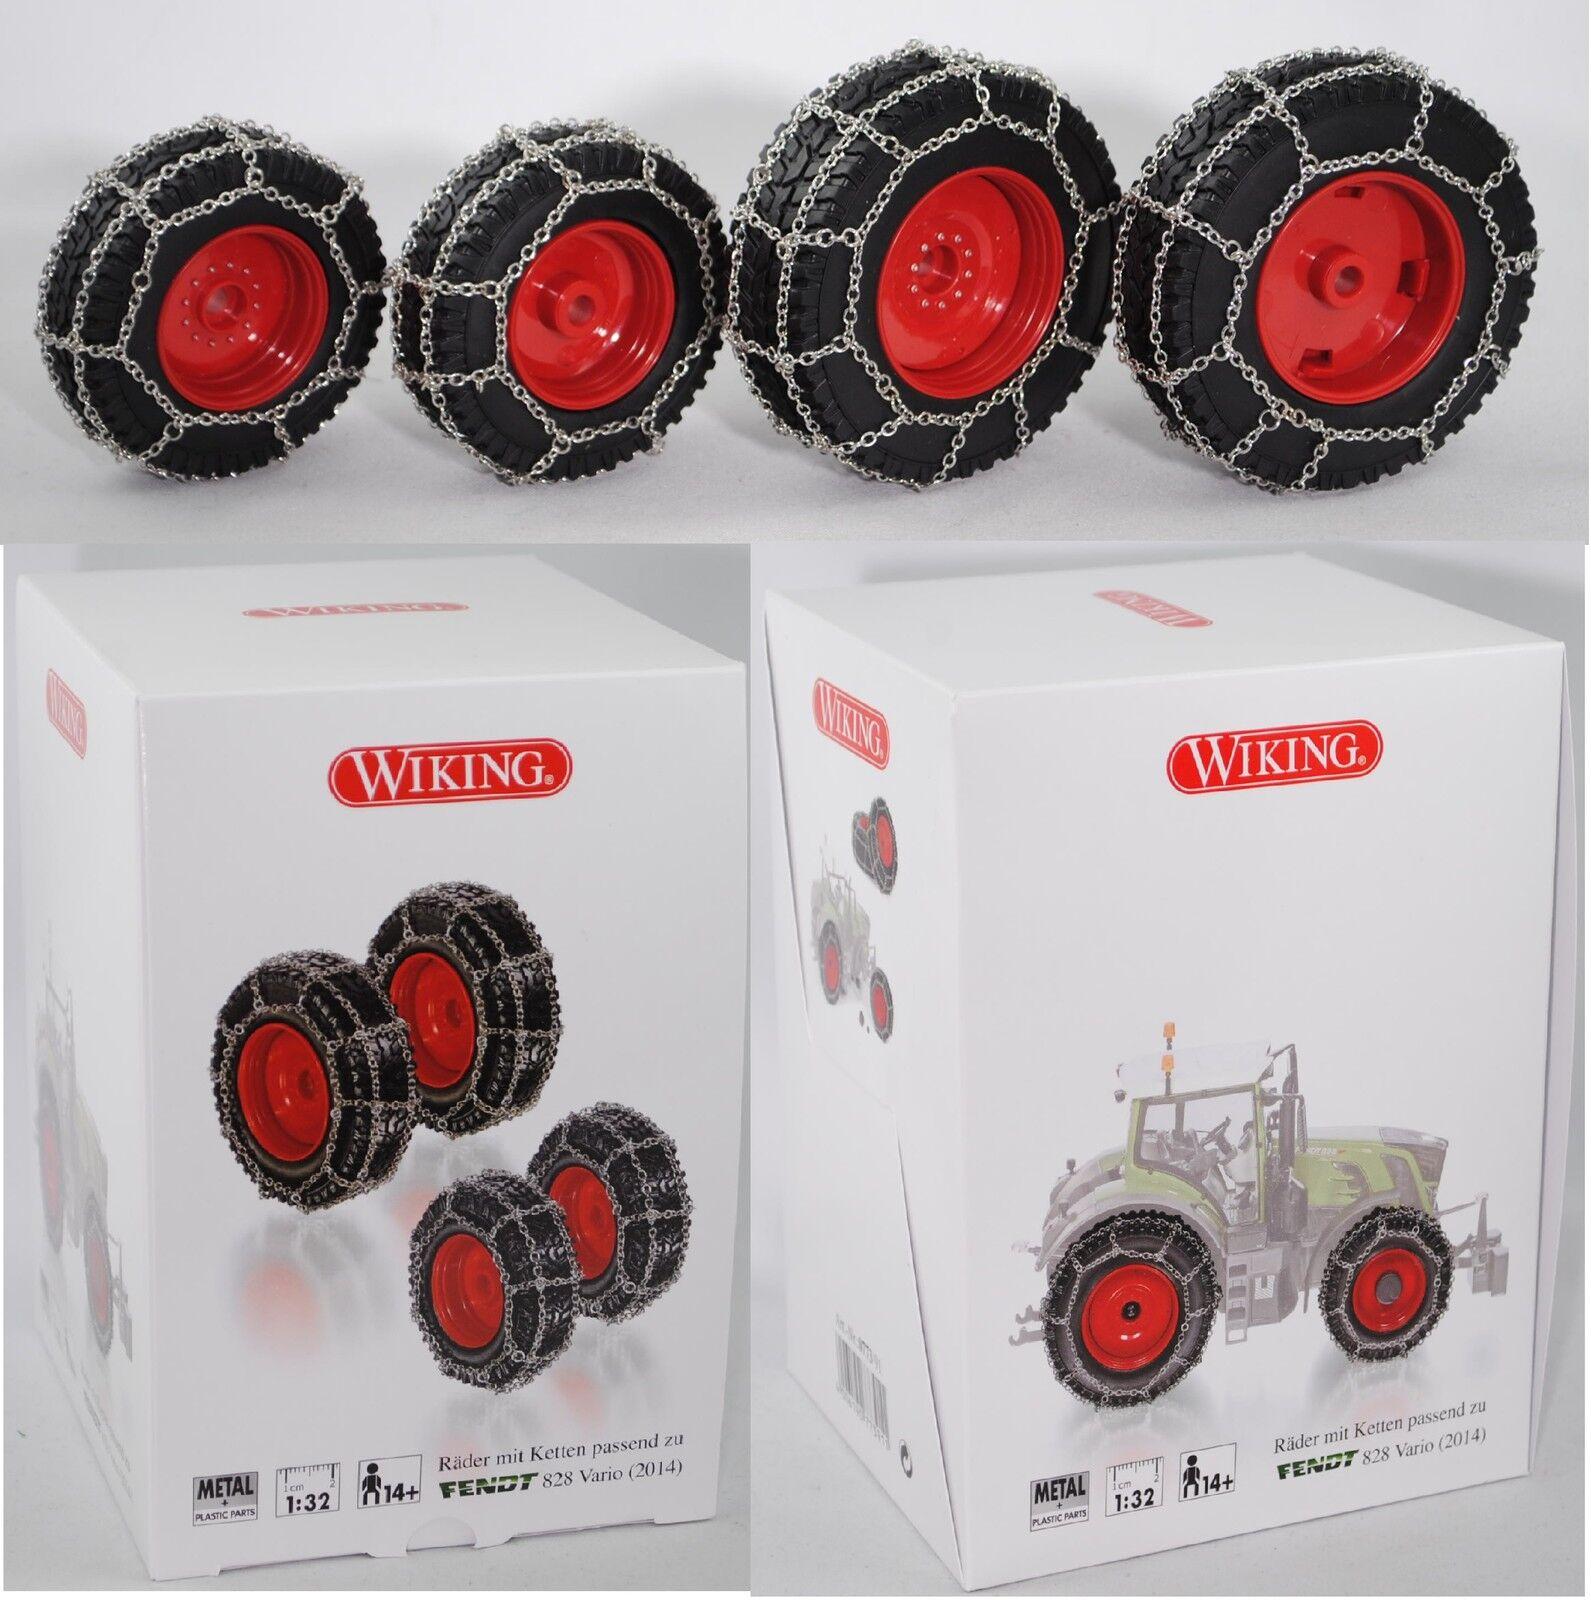 calidad de primera clase Juego de ruedas de 077391 077391 077391 Wiking con cadenas para fendt 828 Vario tractor 1 32  orden en línea